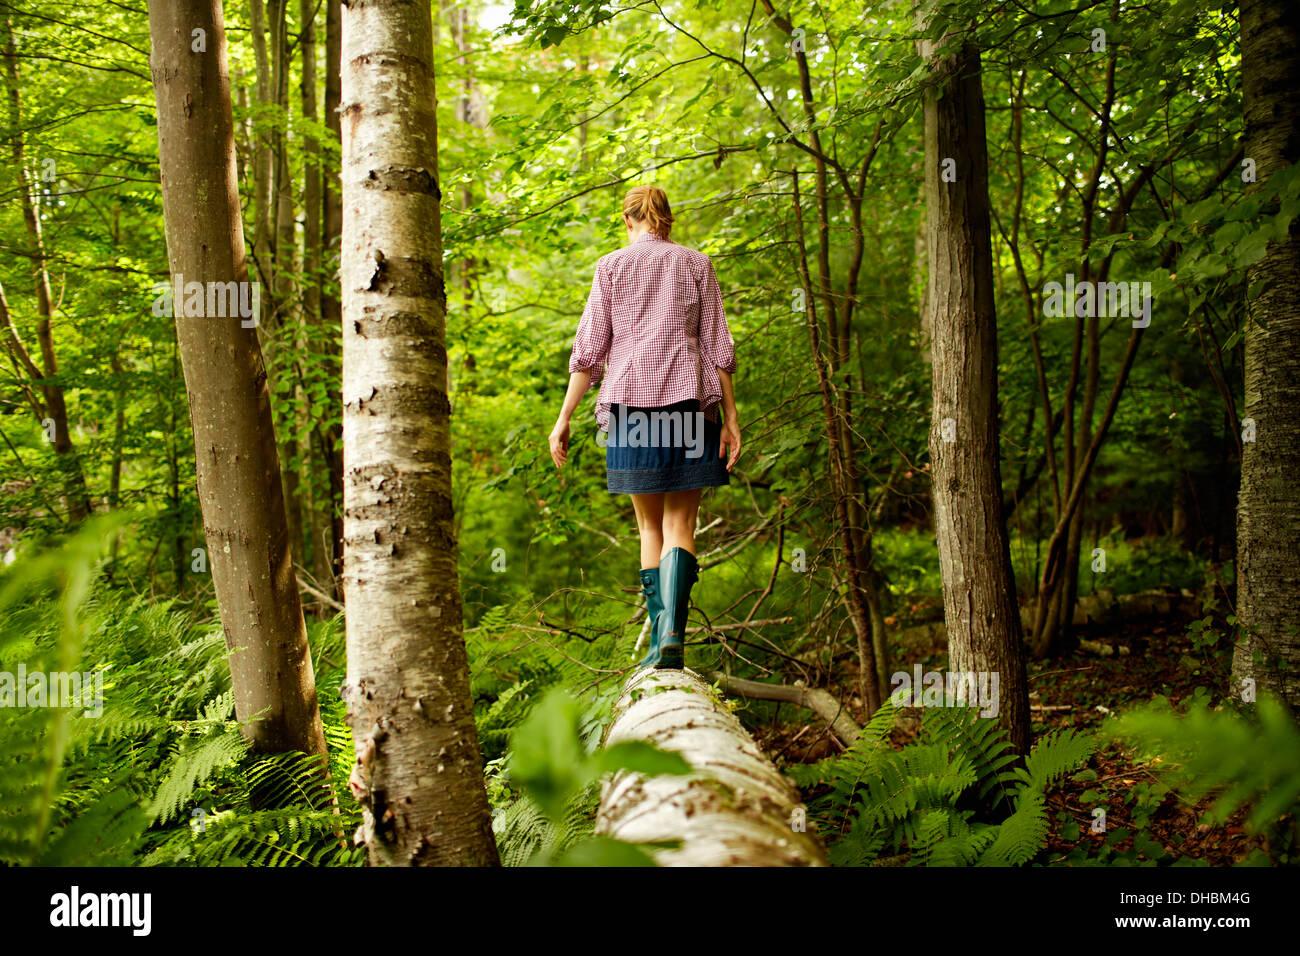 Eine Frau in Gummistiefel einen gefallenen Baumstamm, im Wald spazieren. Stockbild